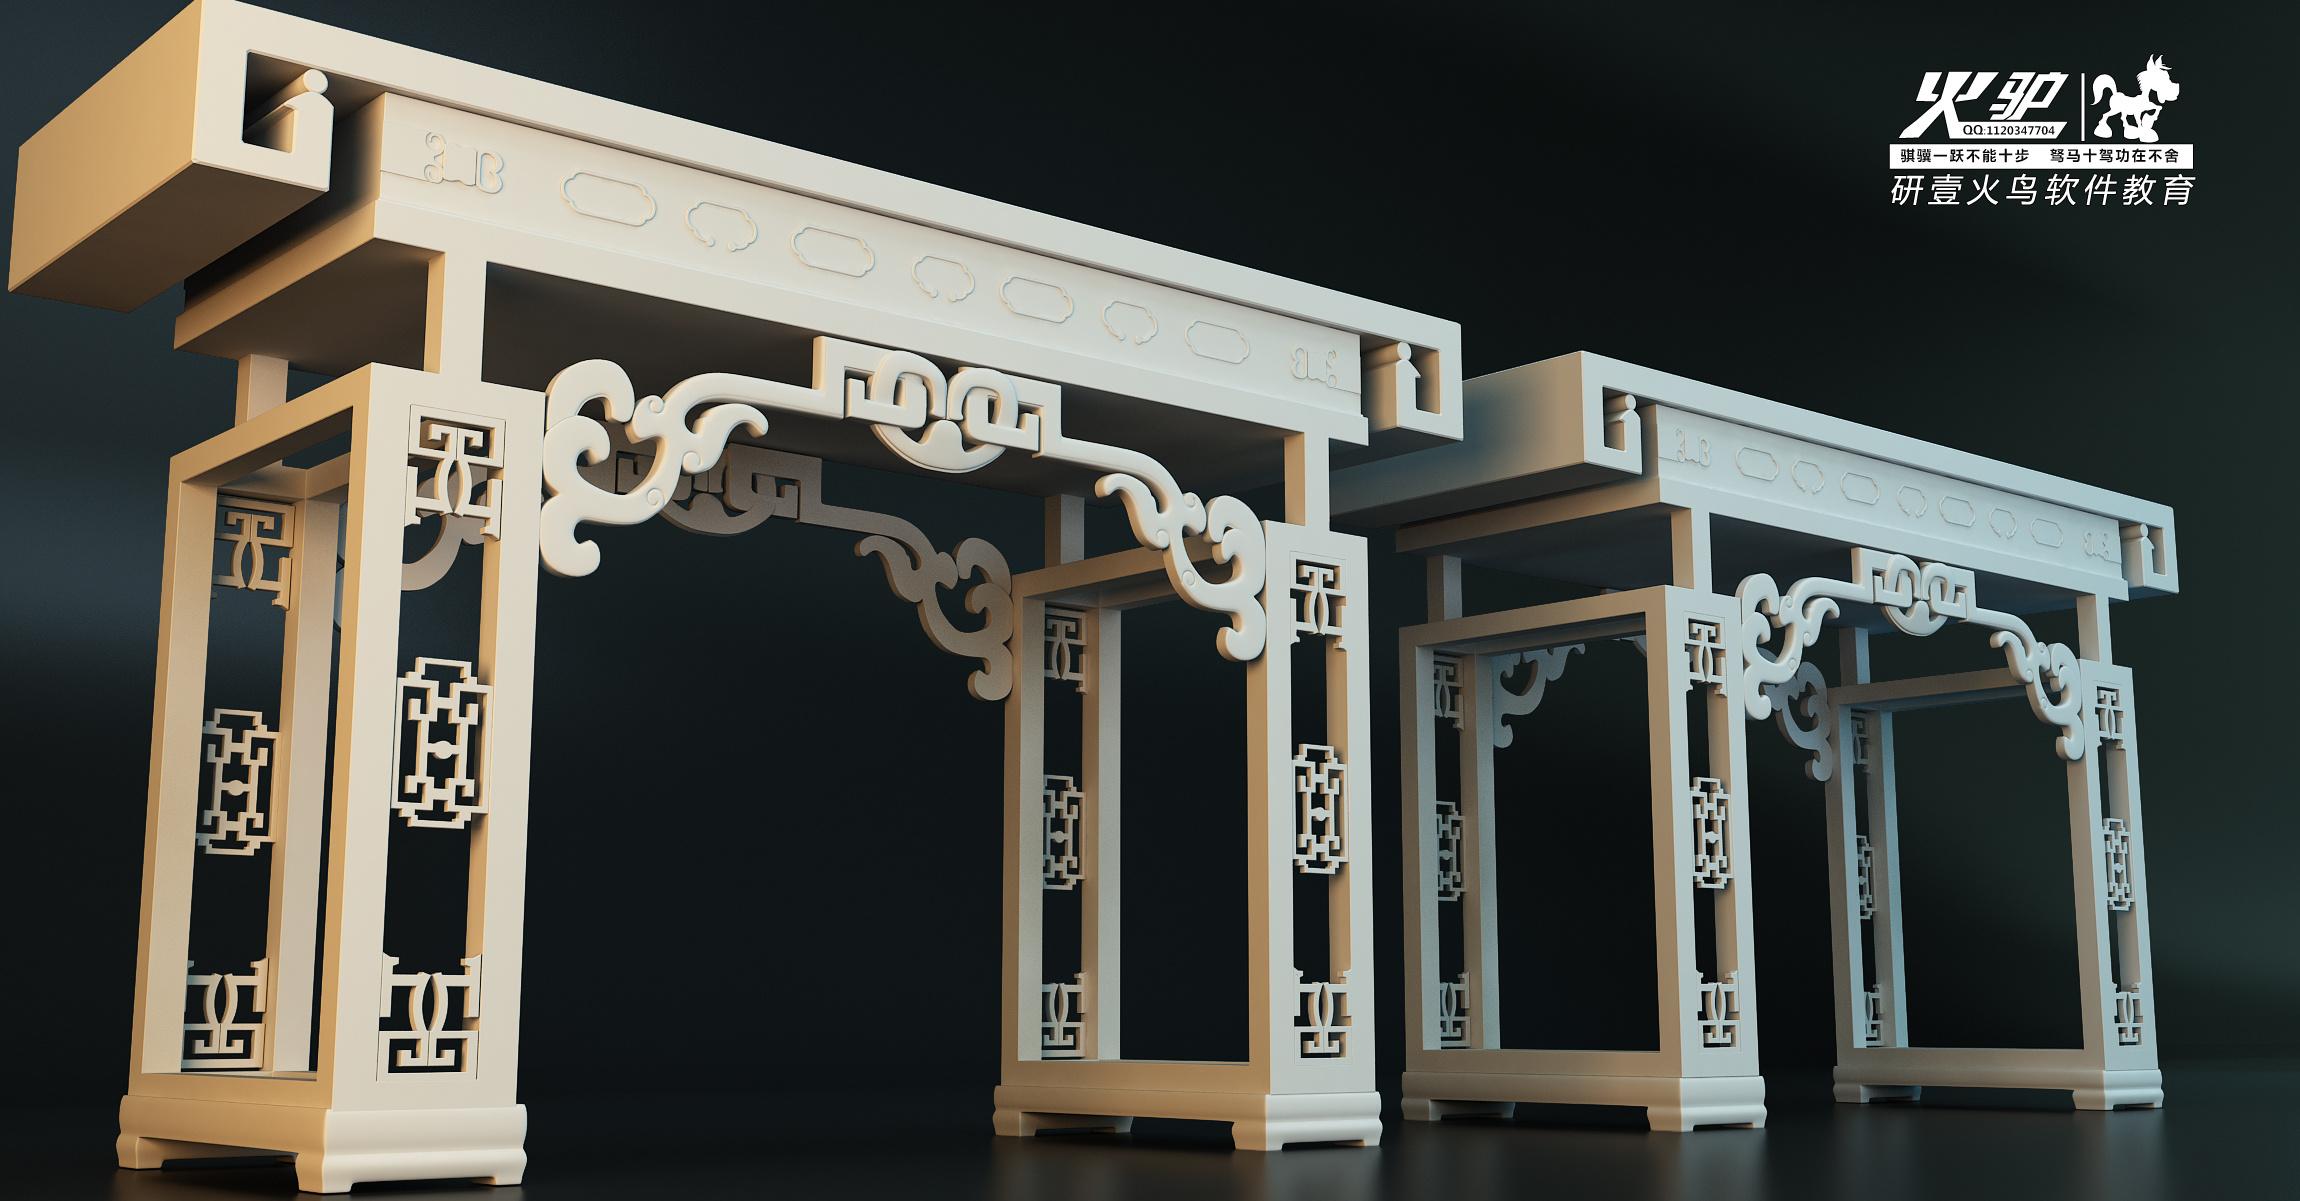 中式家具建模|三维|机械/交通|火驴 - 原创作品